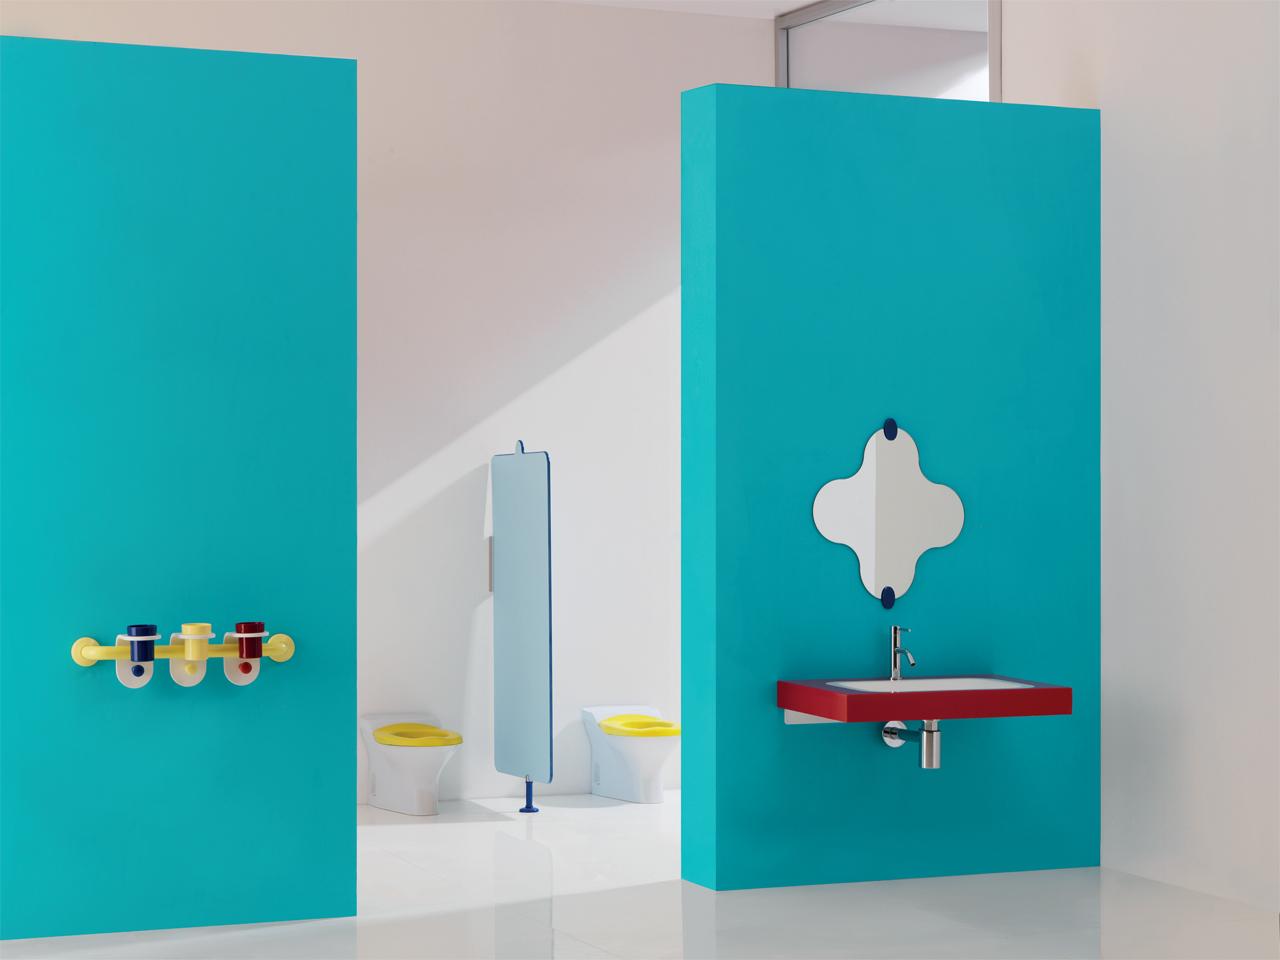 Disegno Bagno Per Bambini : Leader nella produzione ausili e sanitari bagno